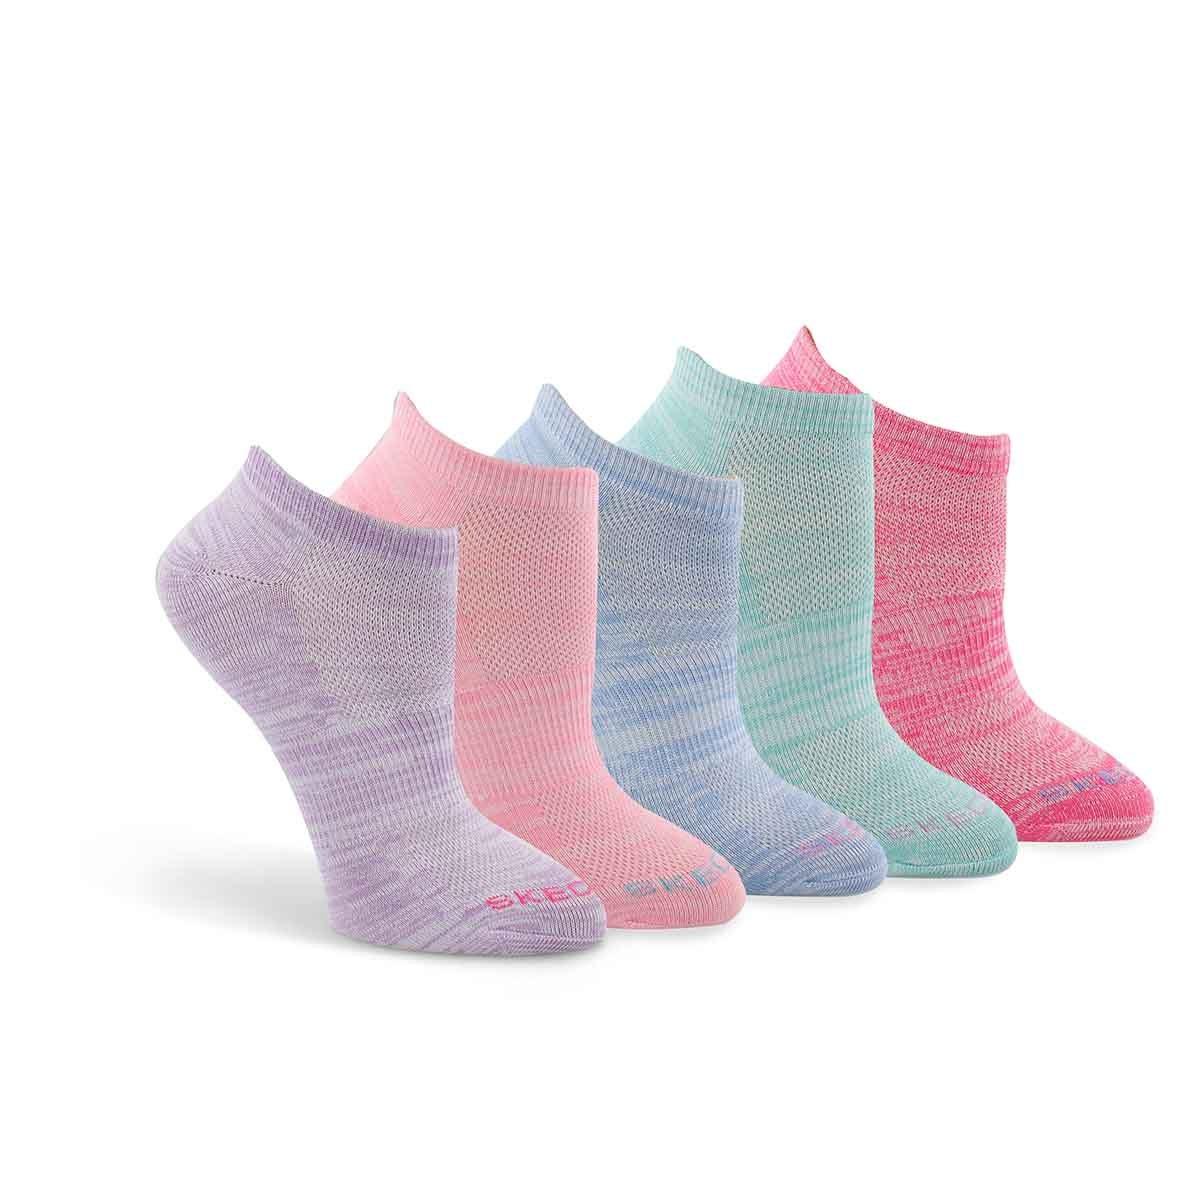 Women's LOW CUT NO TERRY multi socks - 5 pk